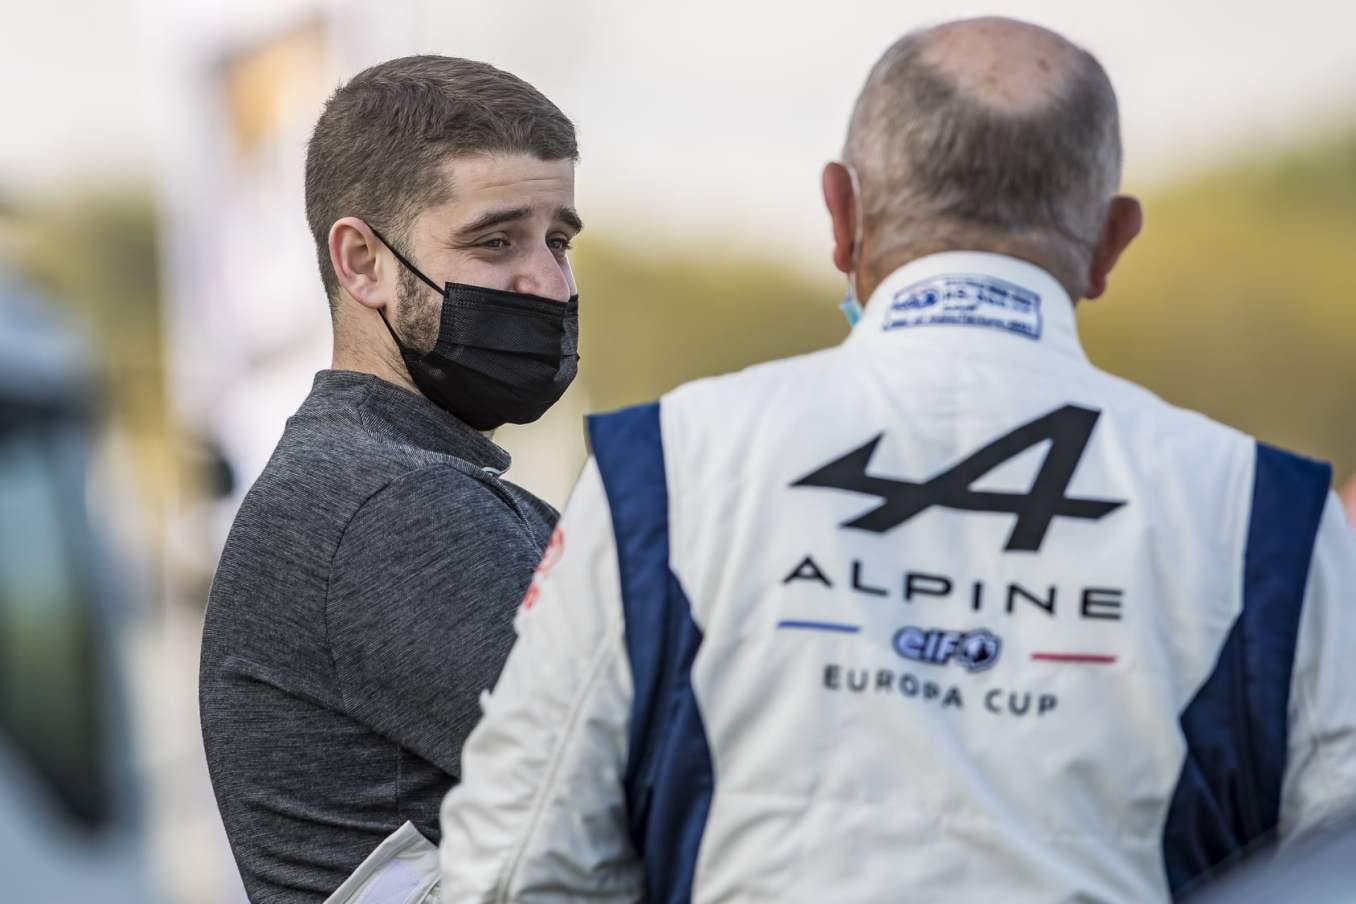 Alpine Elf Europa Cup 2021 A110 Nogaro